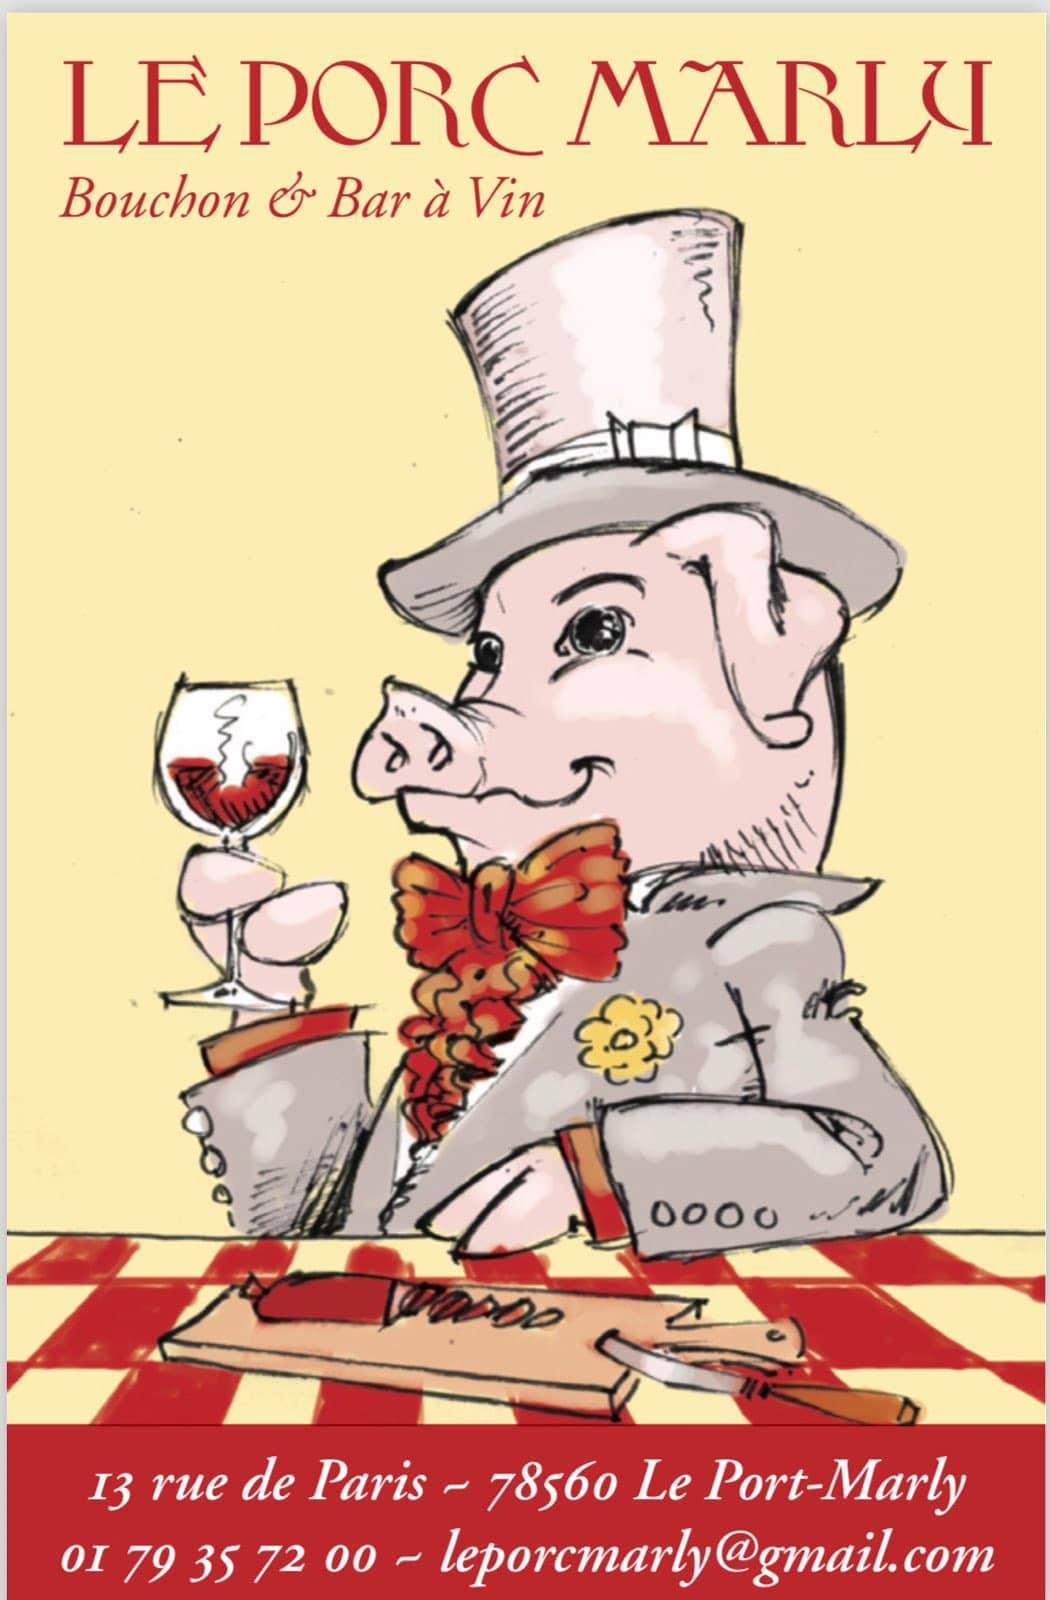 Le Porc Marly fête le Beaujolais nouveau